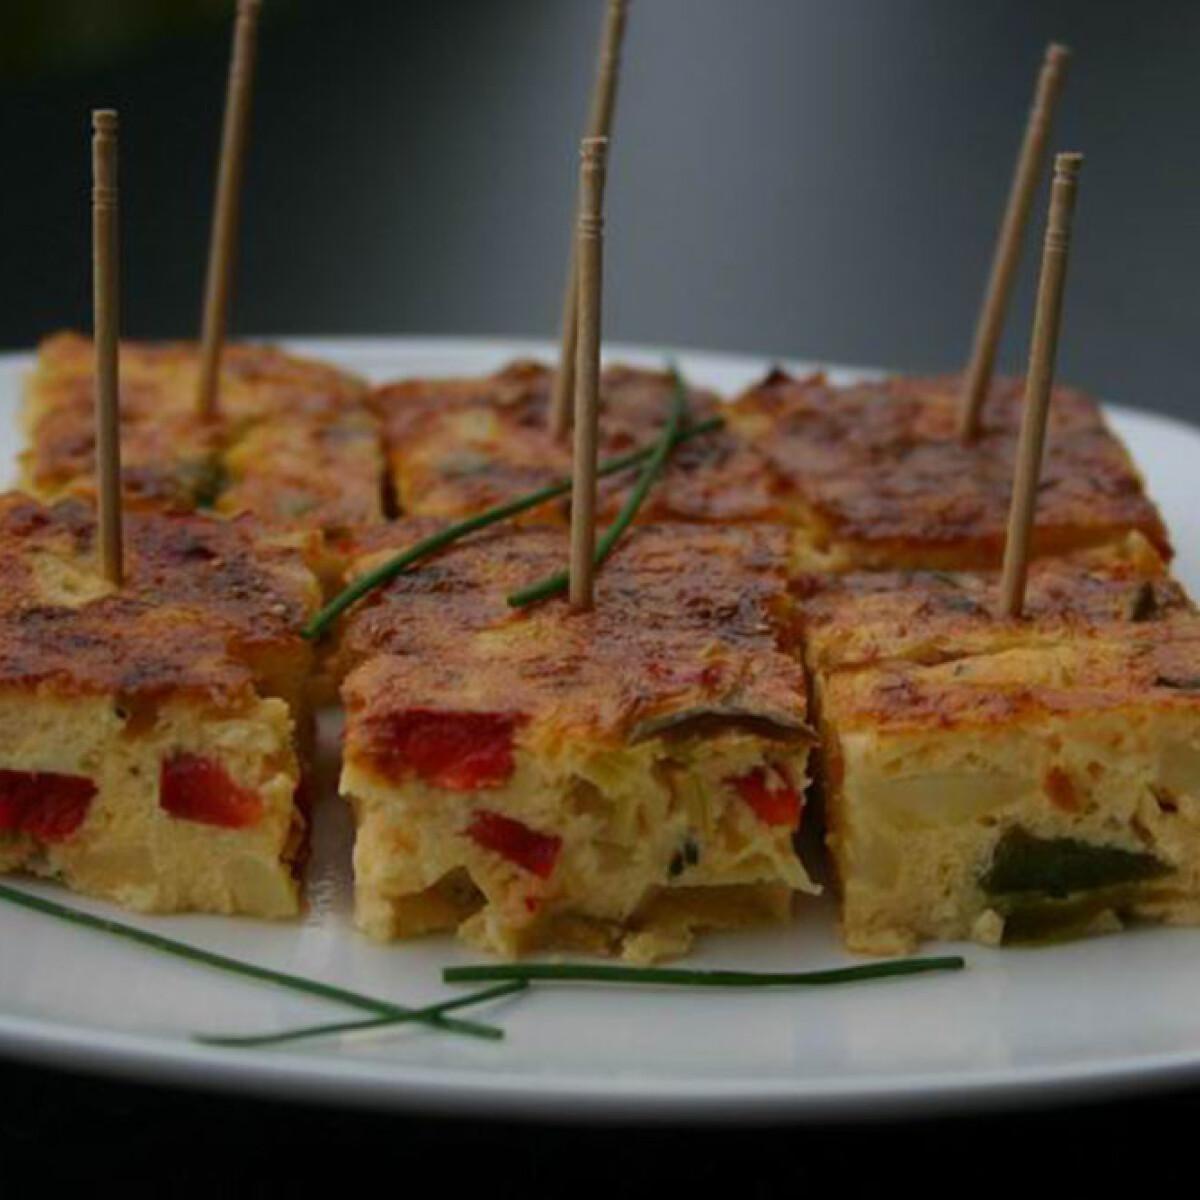 Ezen a képen: Tortillakockák